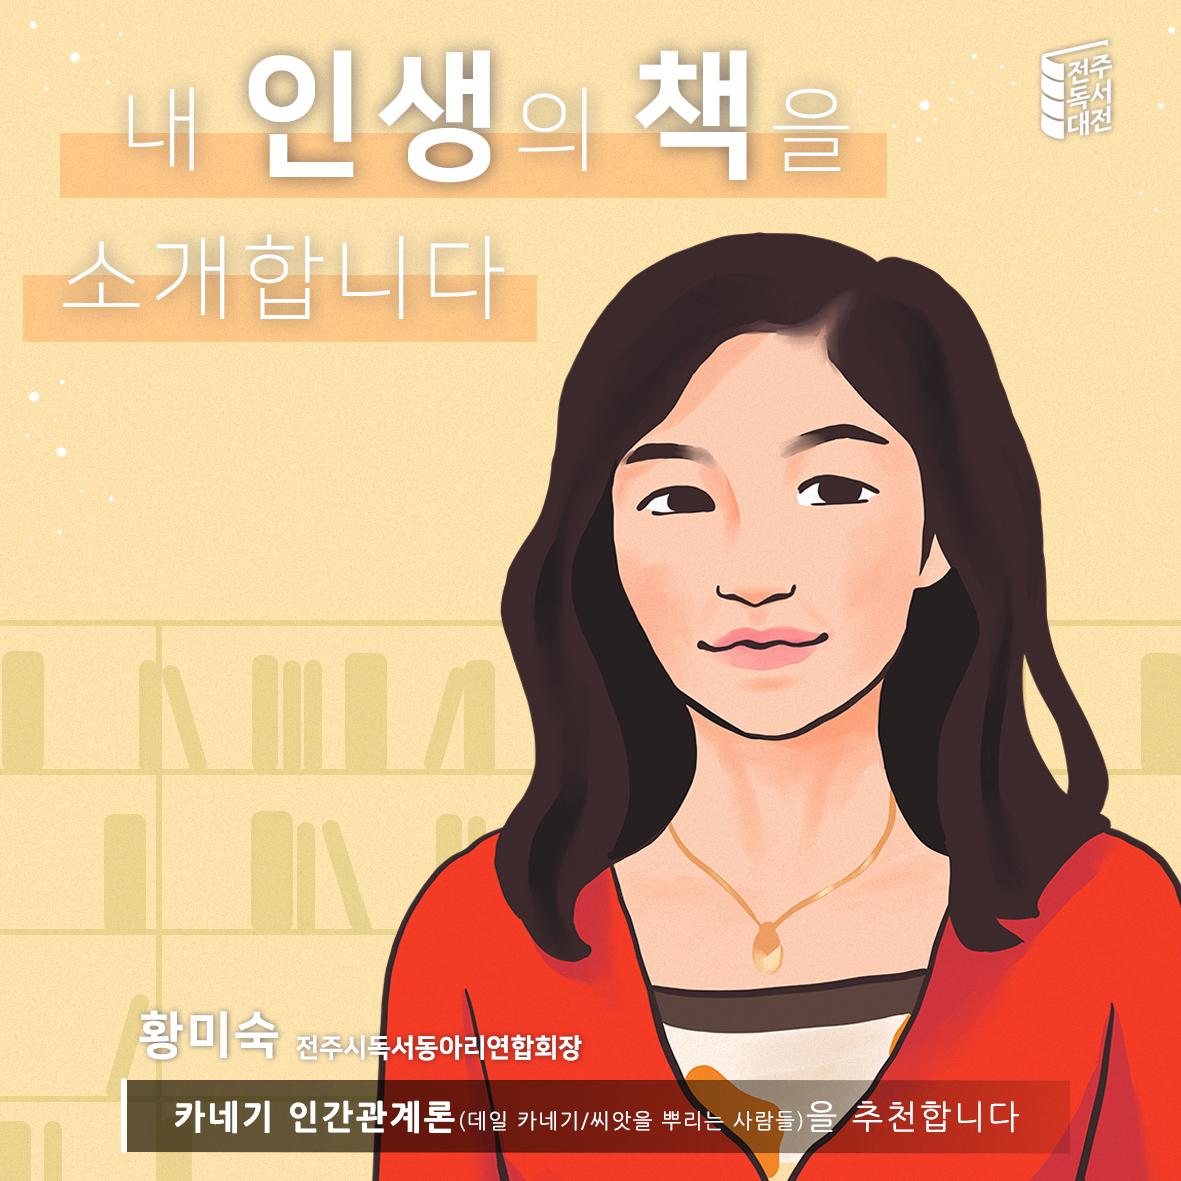 7편 황미숙(전주시독서동아리연합회장)